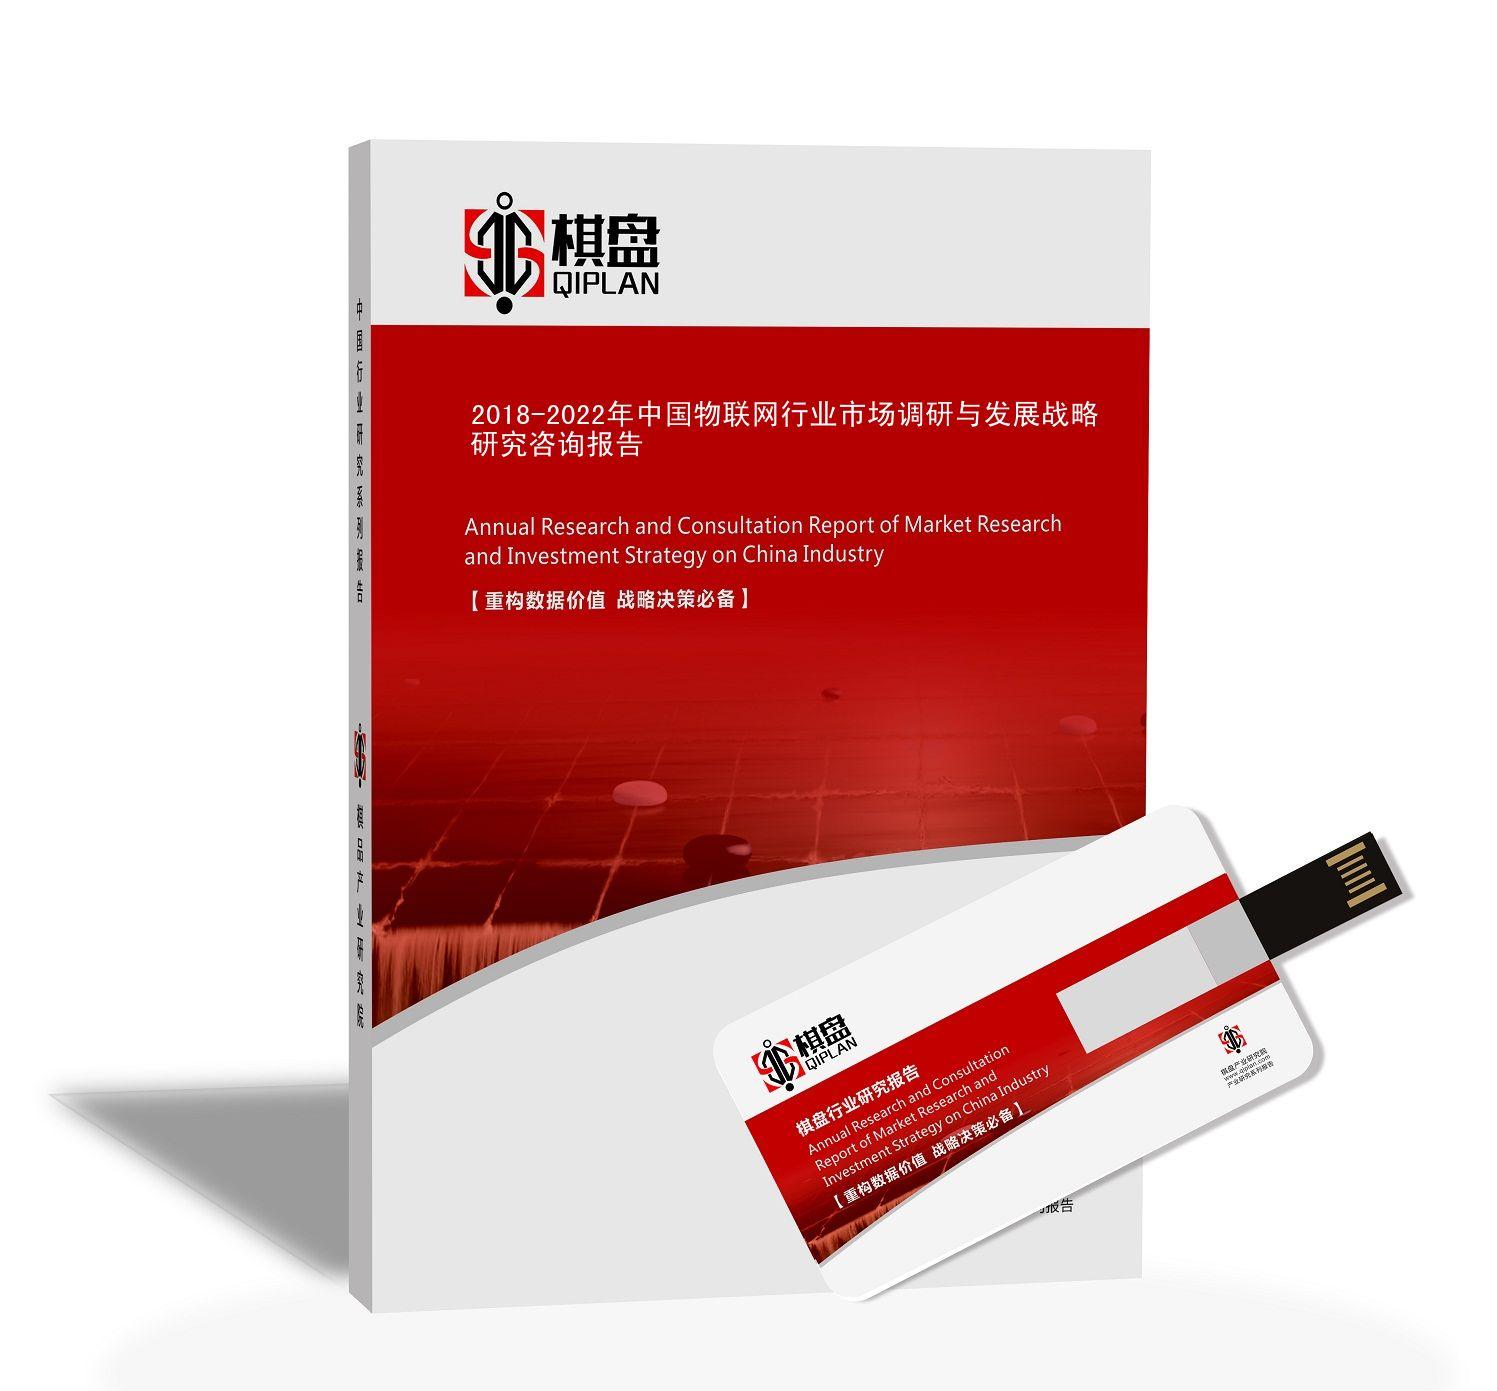 2018-2022年中国物联网行业市场调研与发展战略研究咨询报告